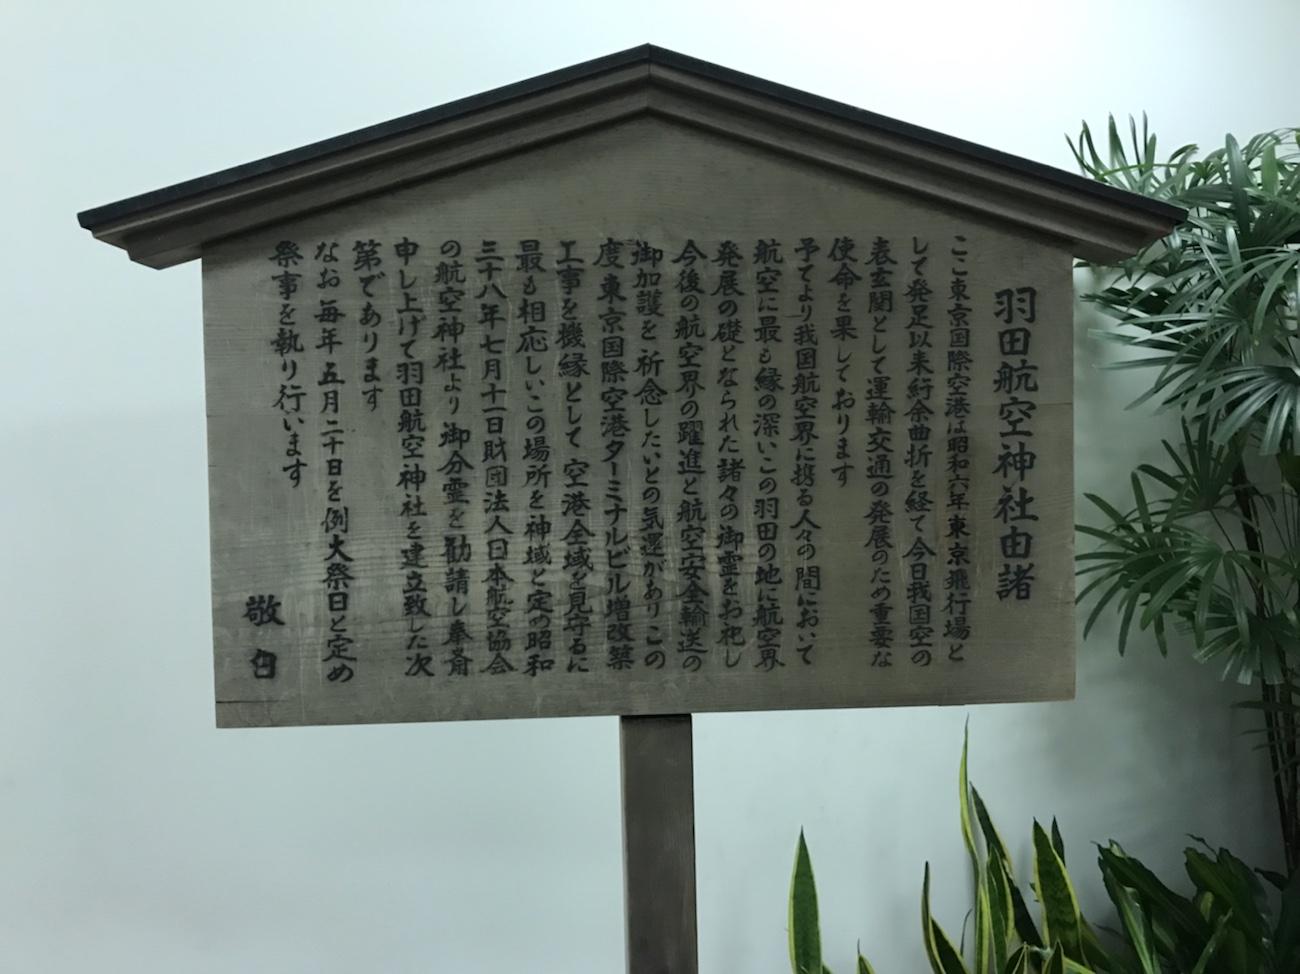 羽田空港神社とは由緒由来 御朱印場所